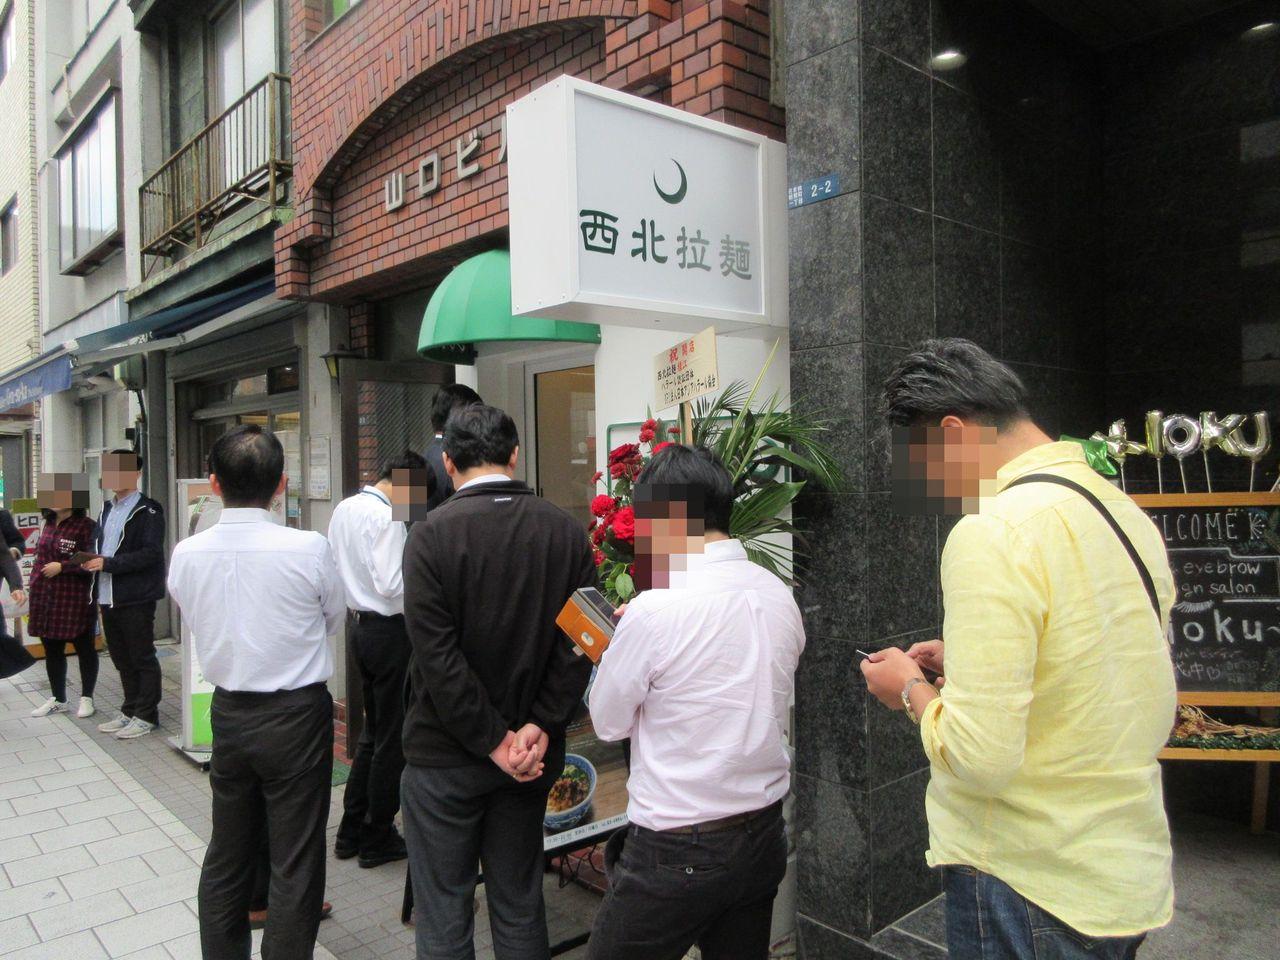 ベイ ラーメン シー 日本初上陸の手打ち麺が福建省アモイからやって来た!水天宮前「西北拉麺(シーベイラーメン)」